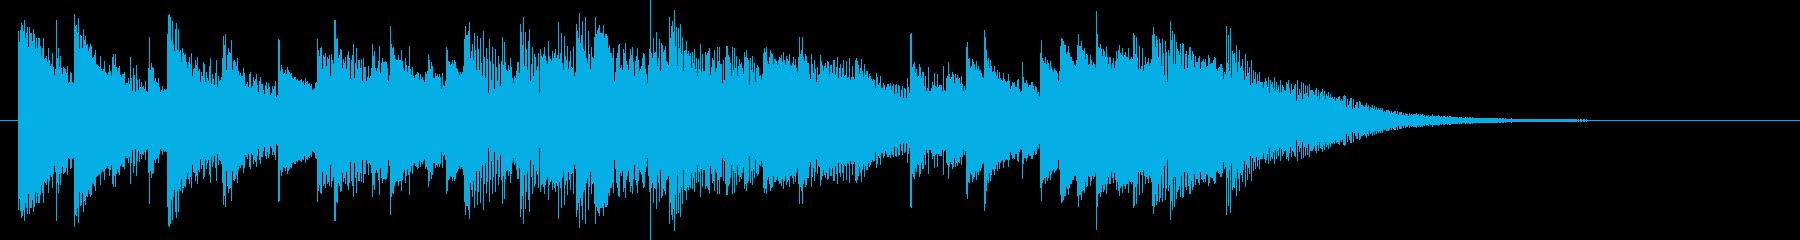 エモーショナルな電子音ジングルの再生済みの波形